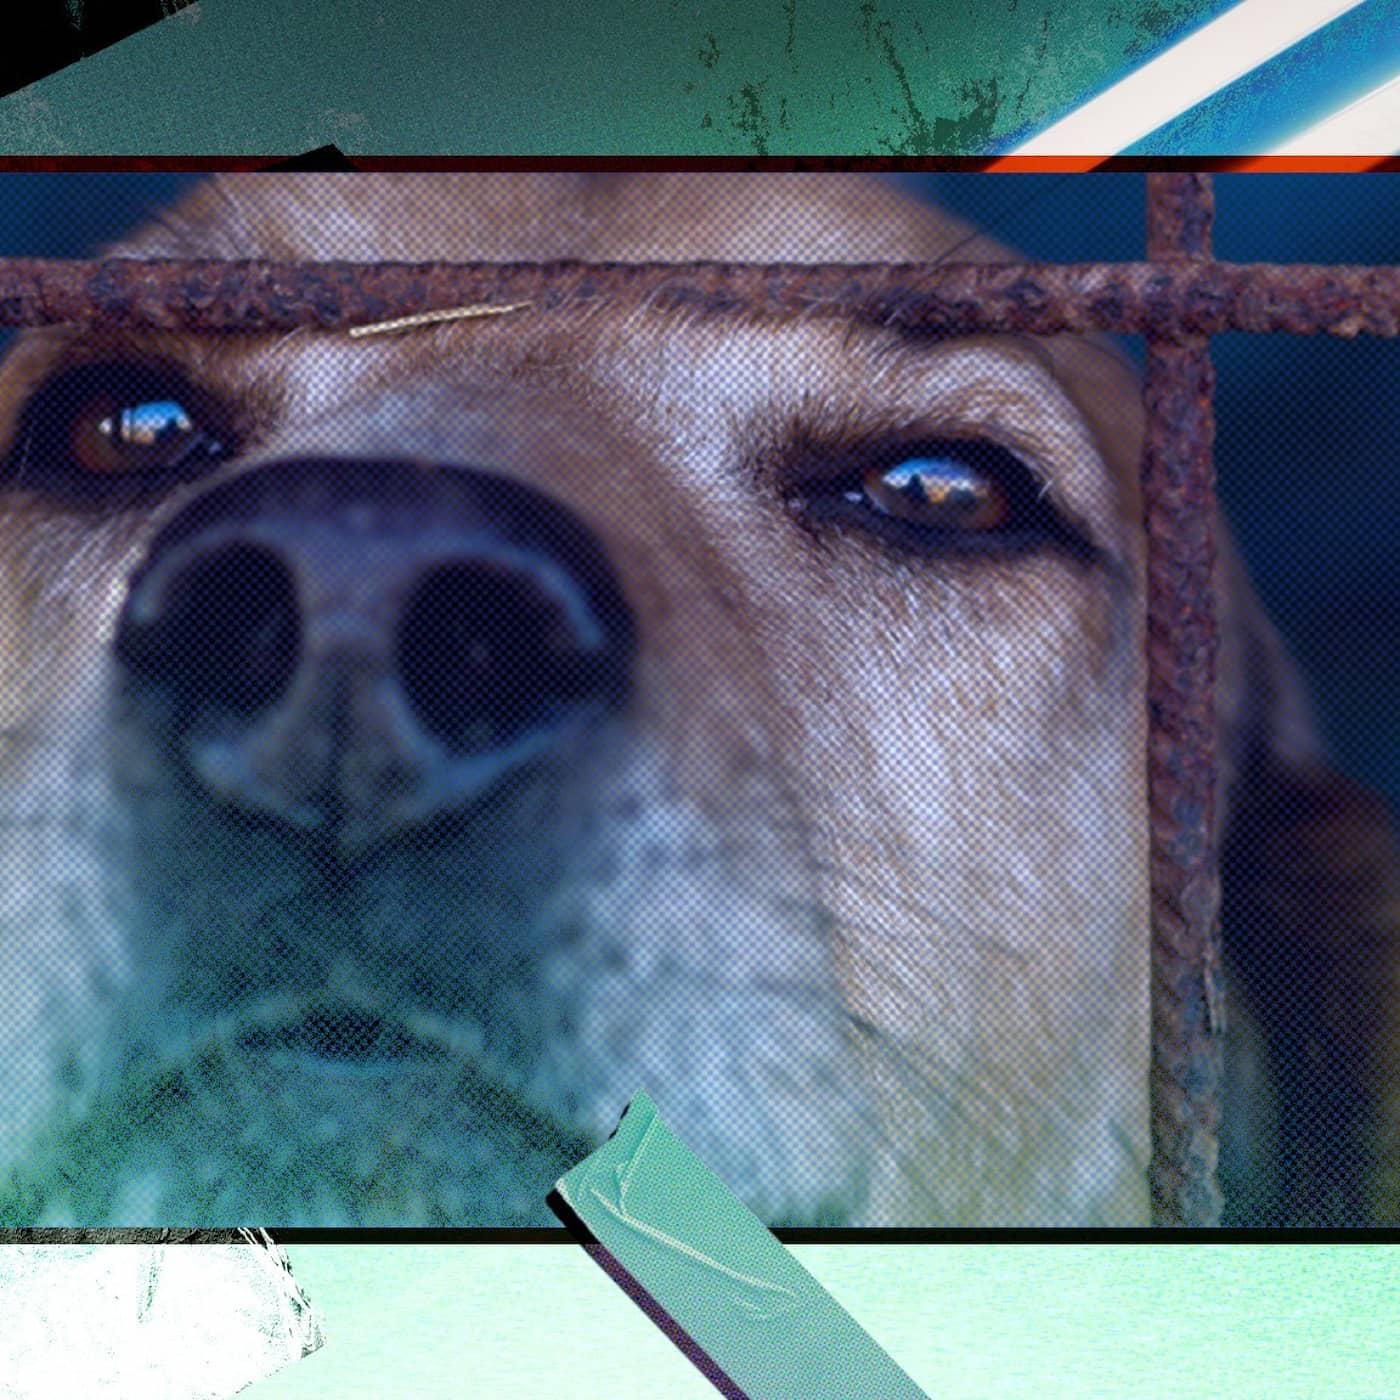 Smuggling av hundar ökar - avlivas ofta